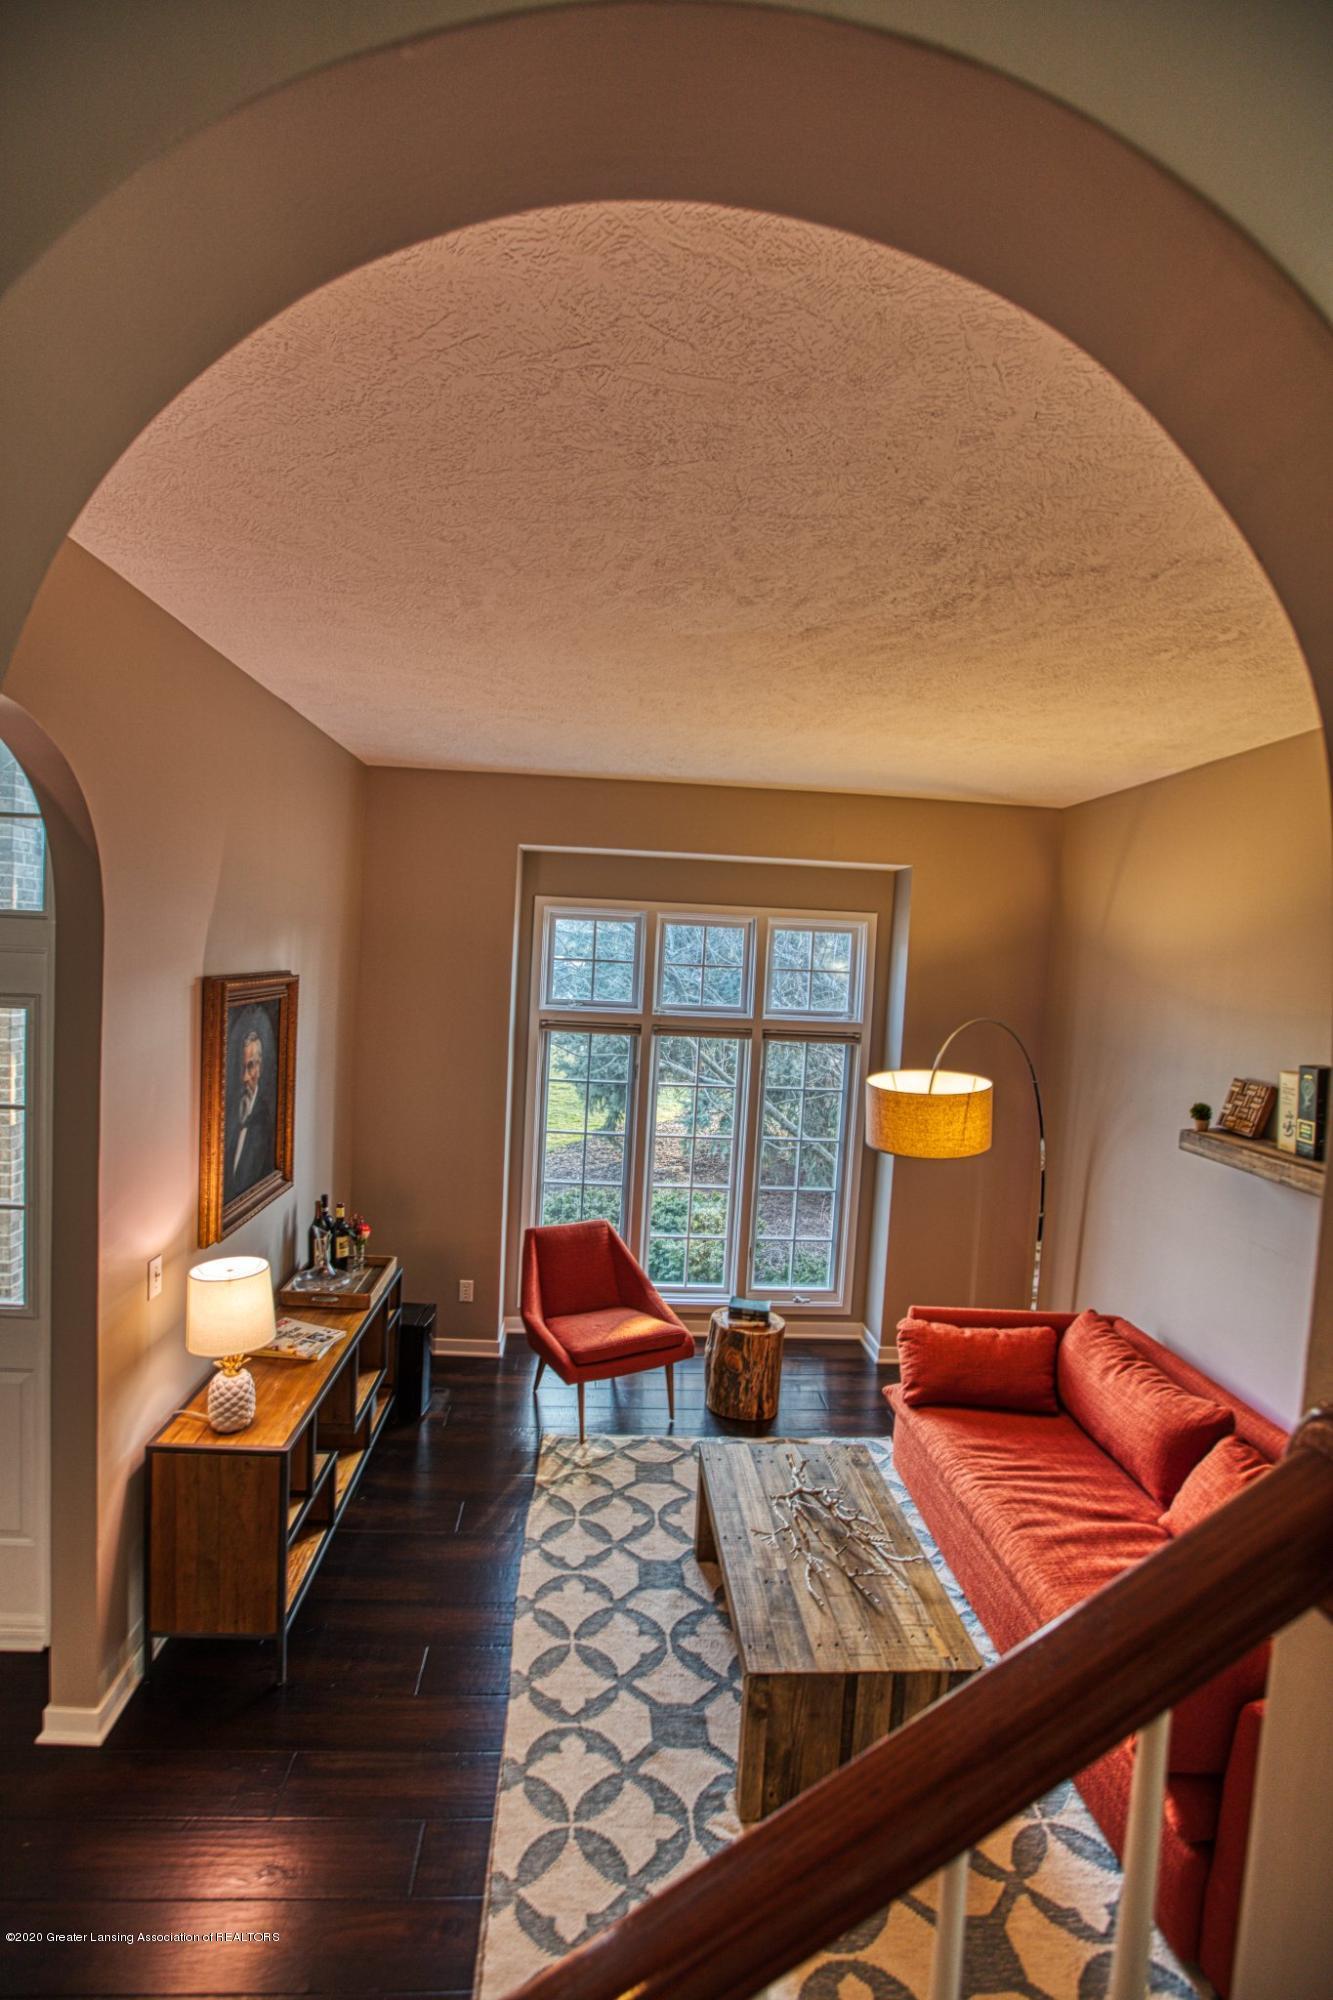 3668 Fairhills Dr - Living Room - 4